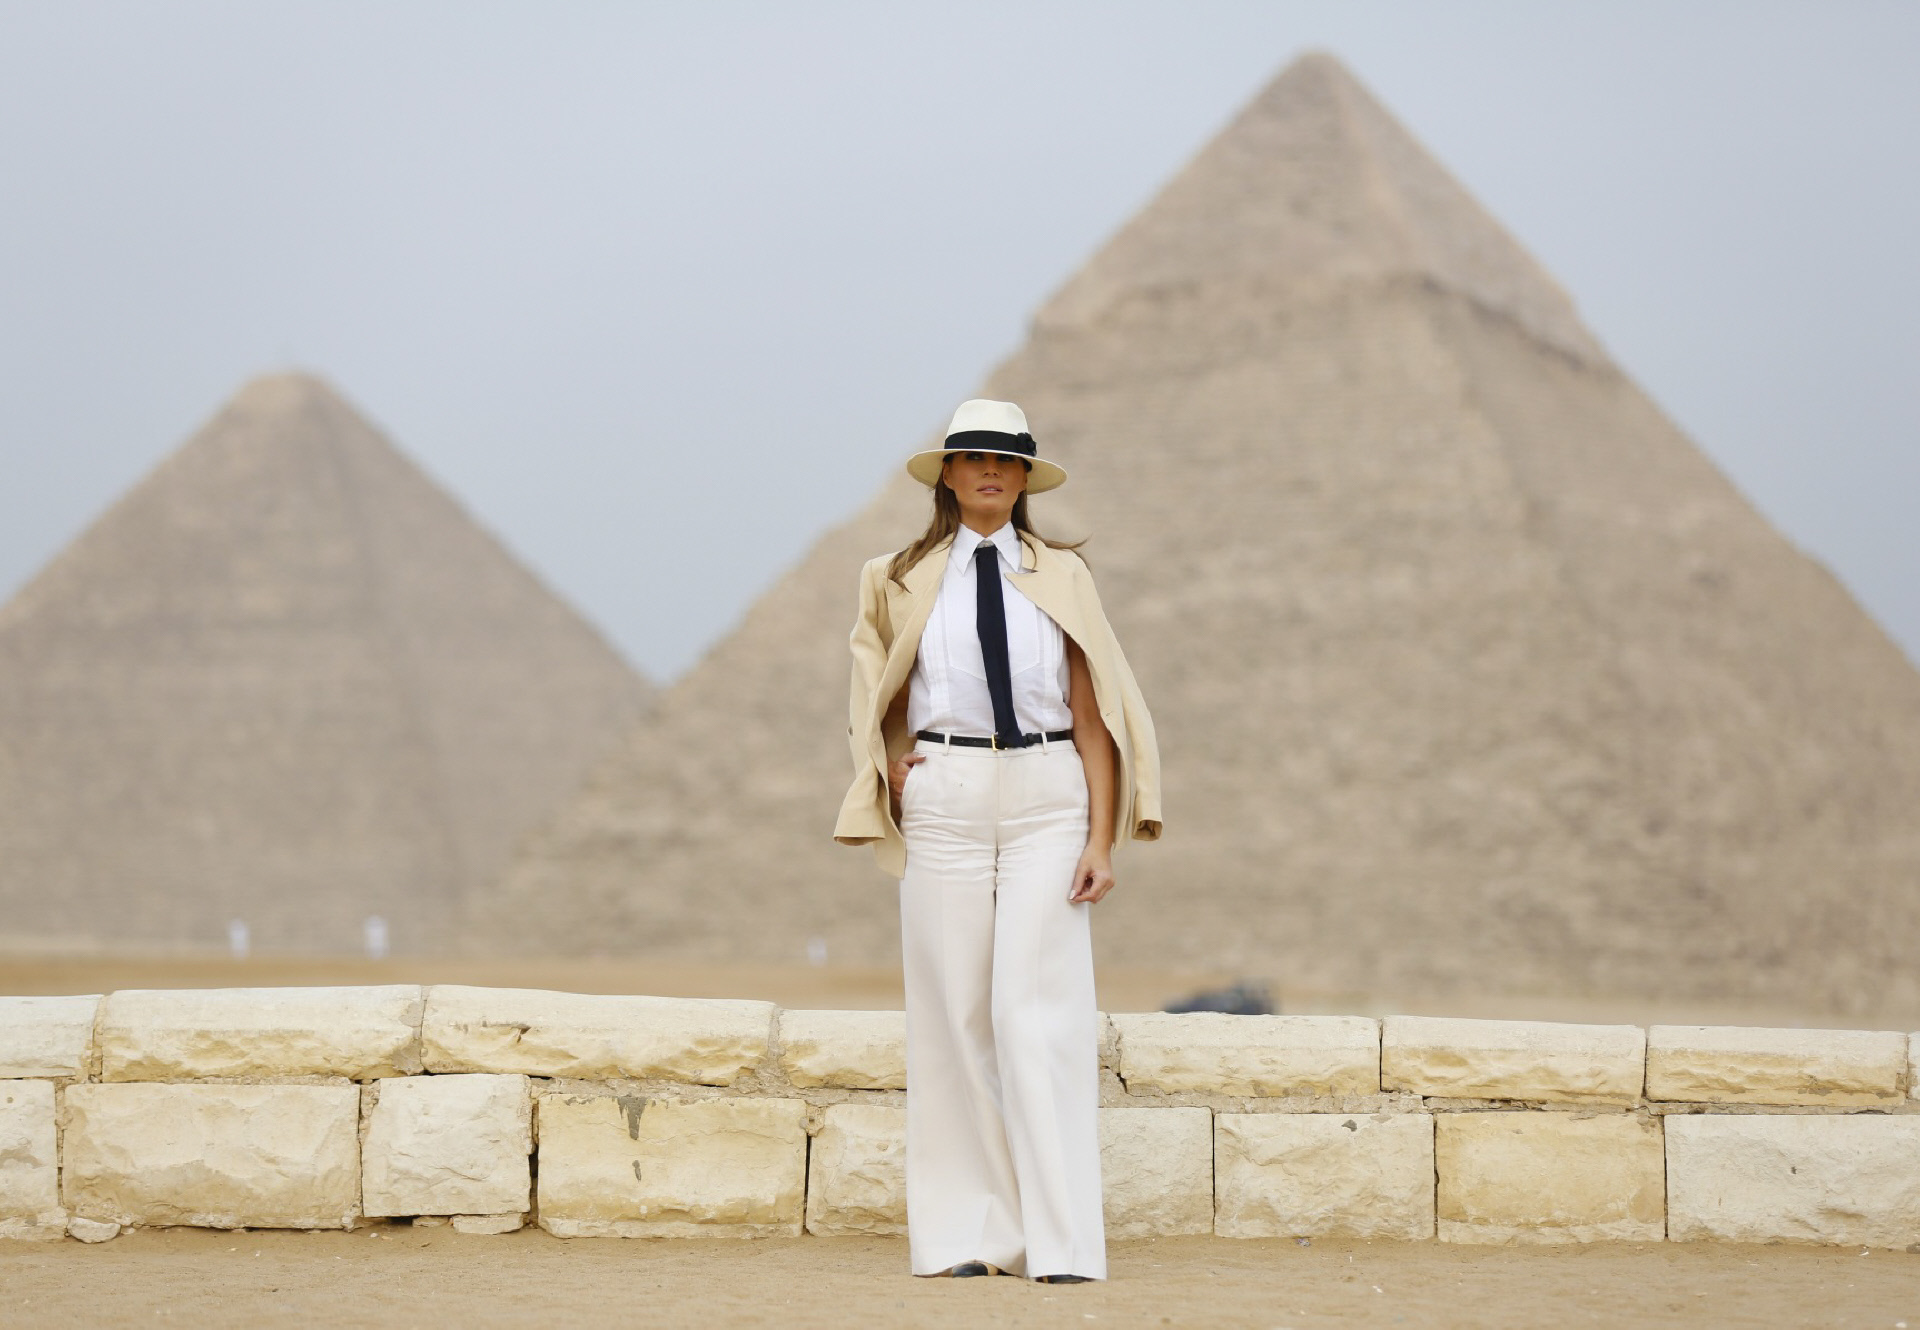 Melania Trump junto a las pirámides de Egipto.